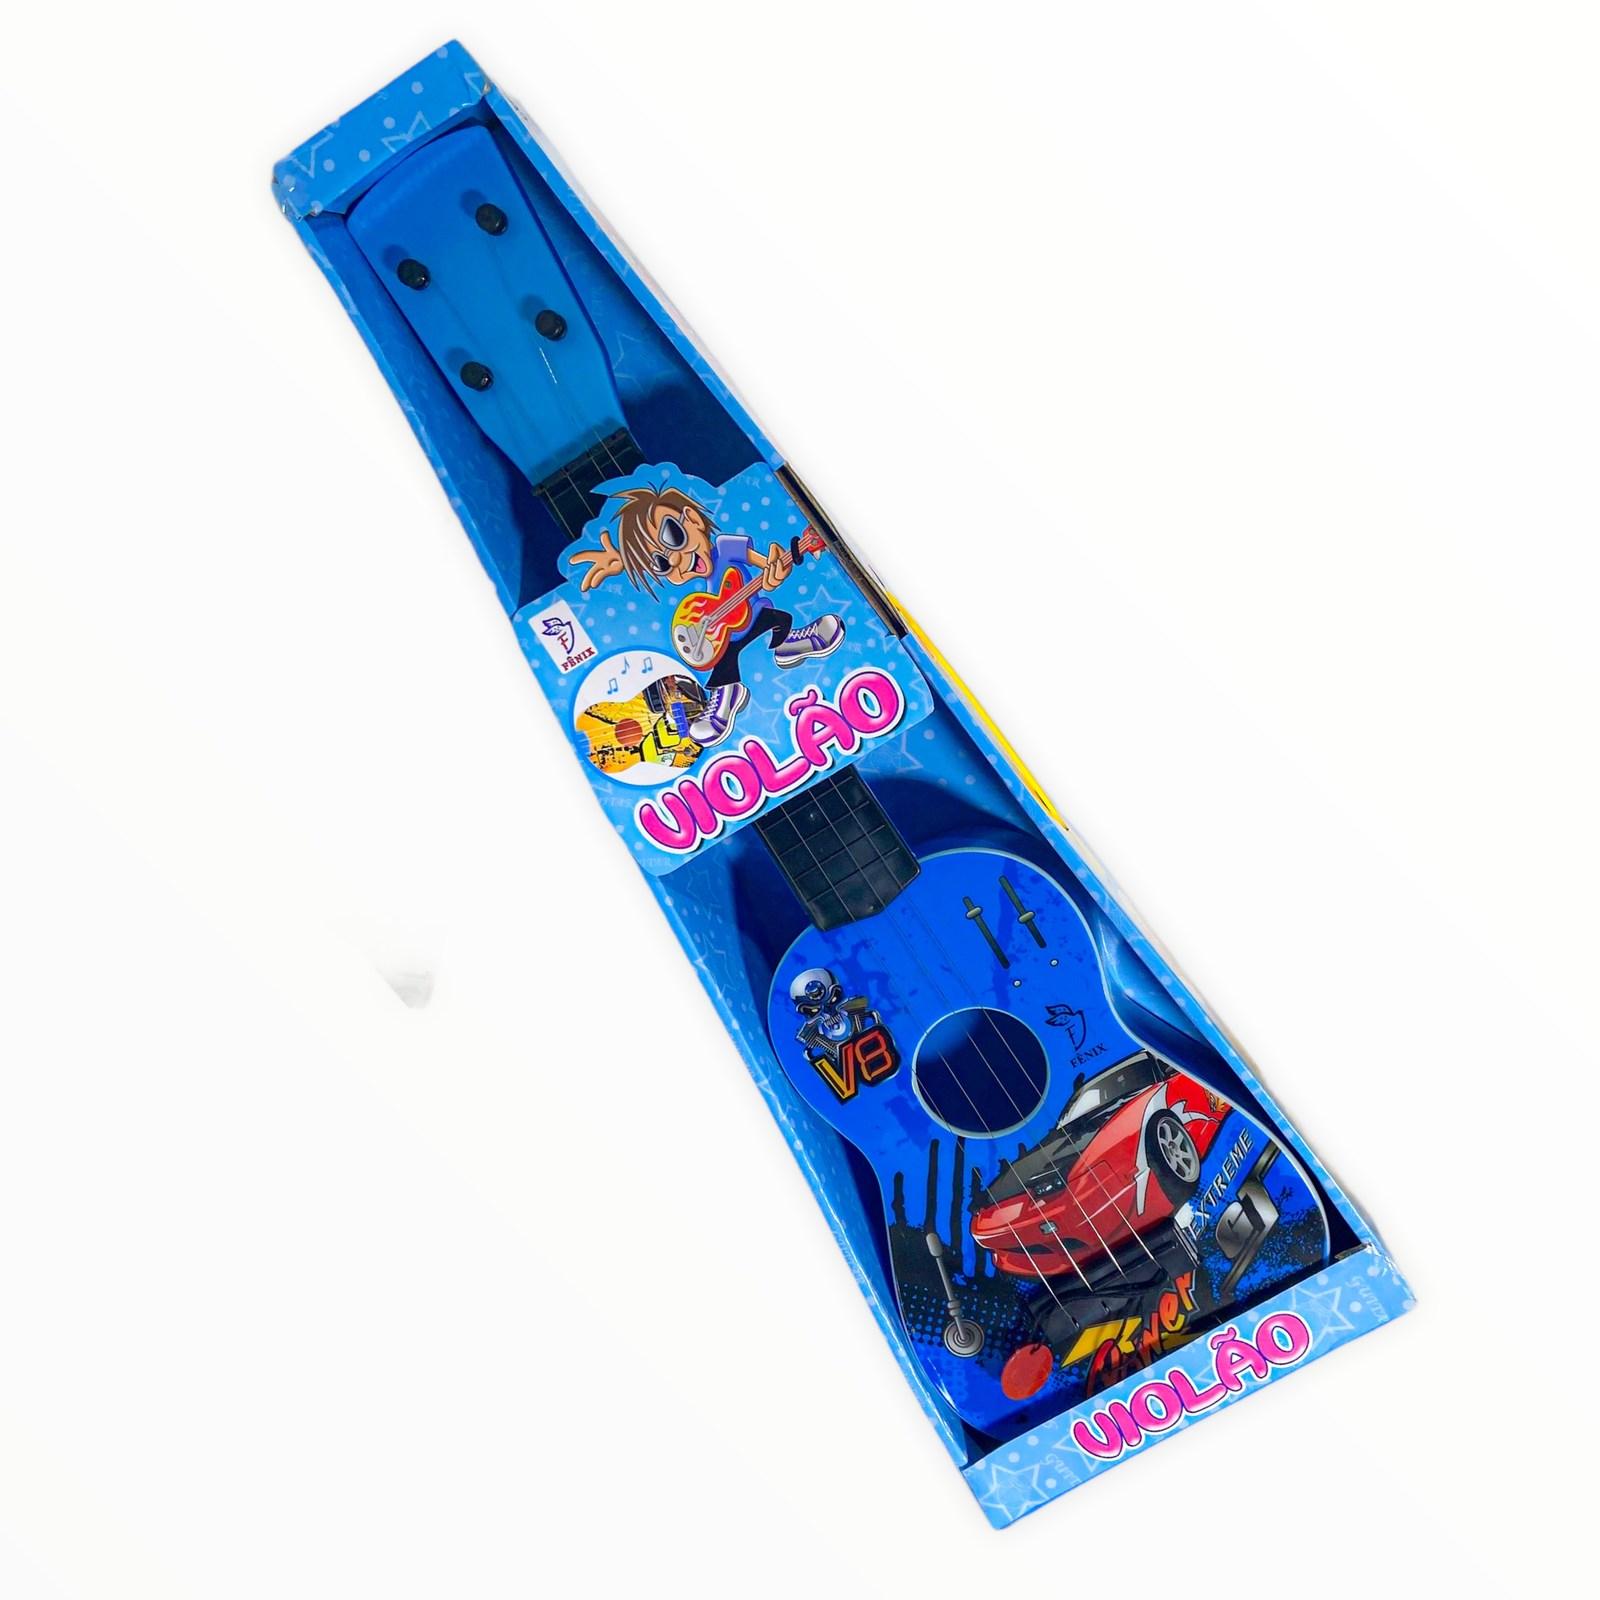 Brinquedo Musical Violão Infantil de Plástico Fenix 6772